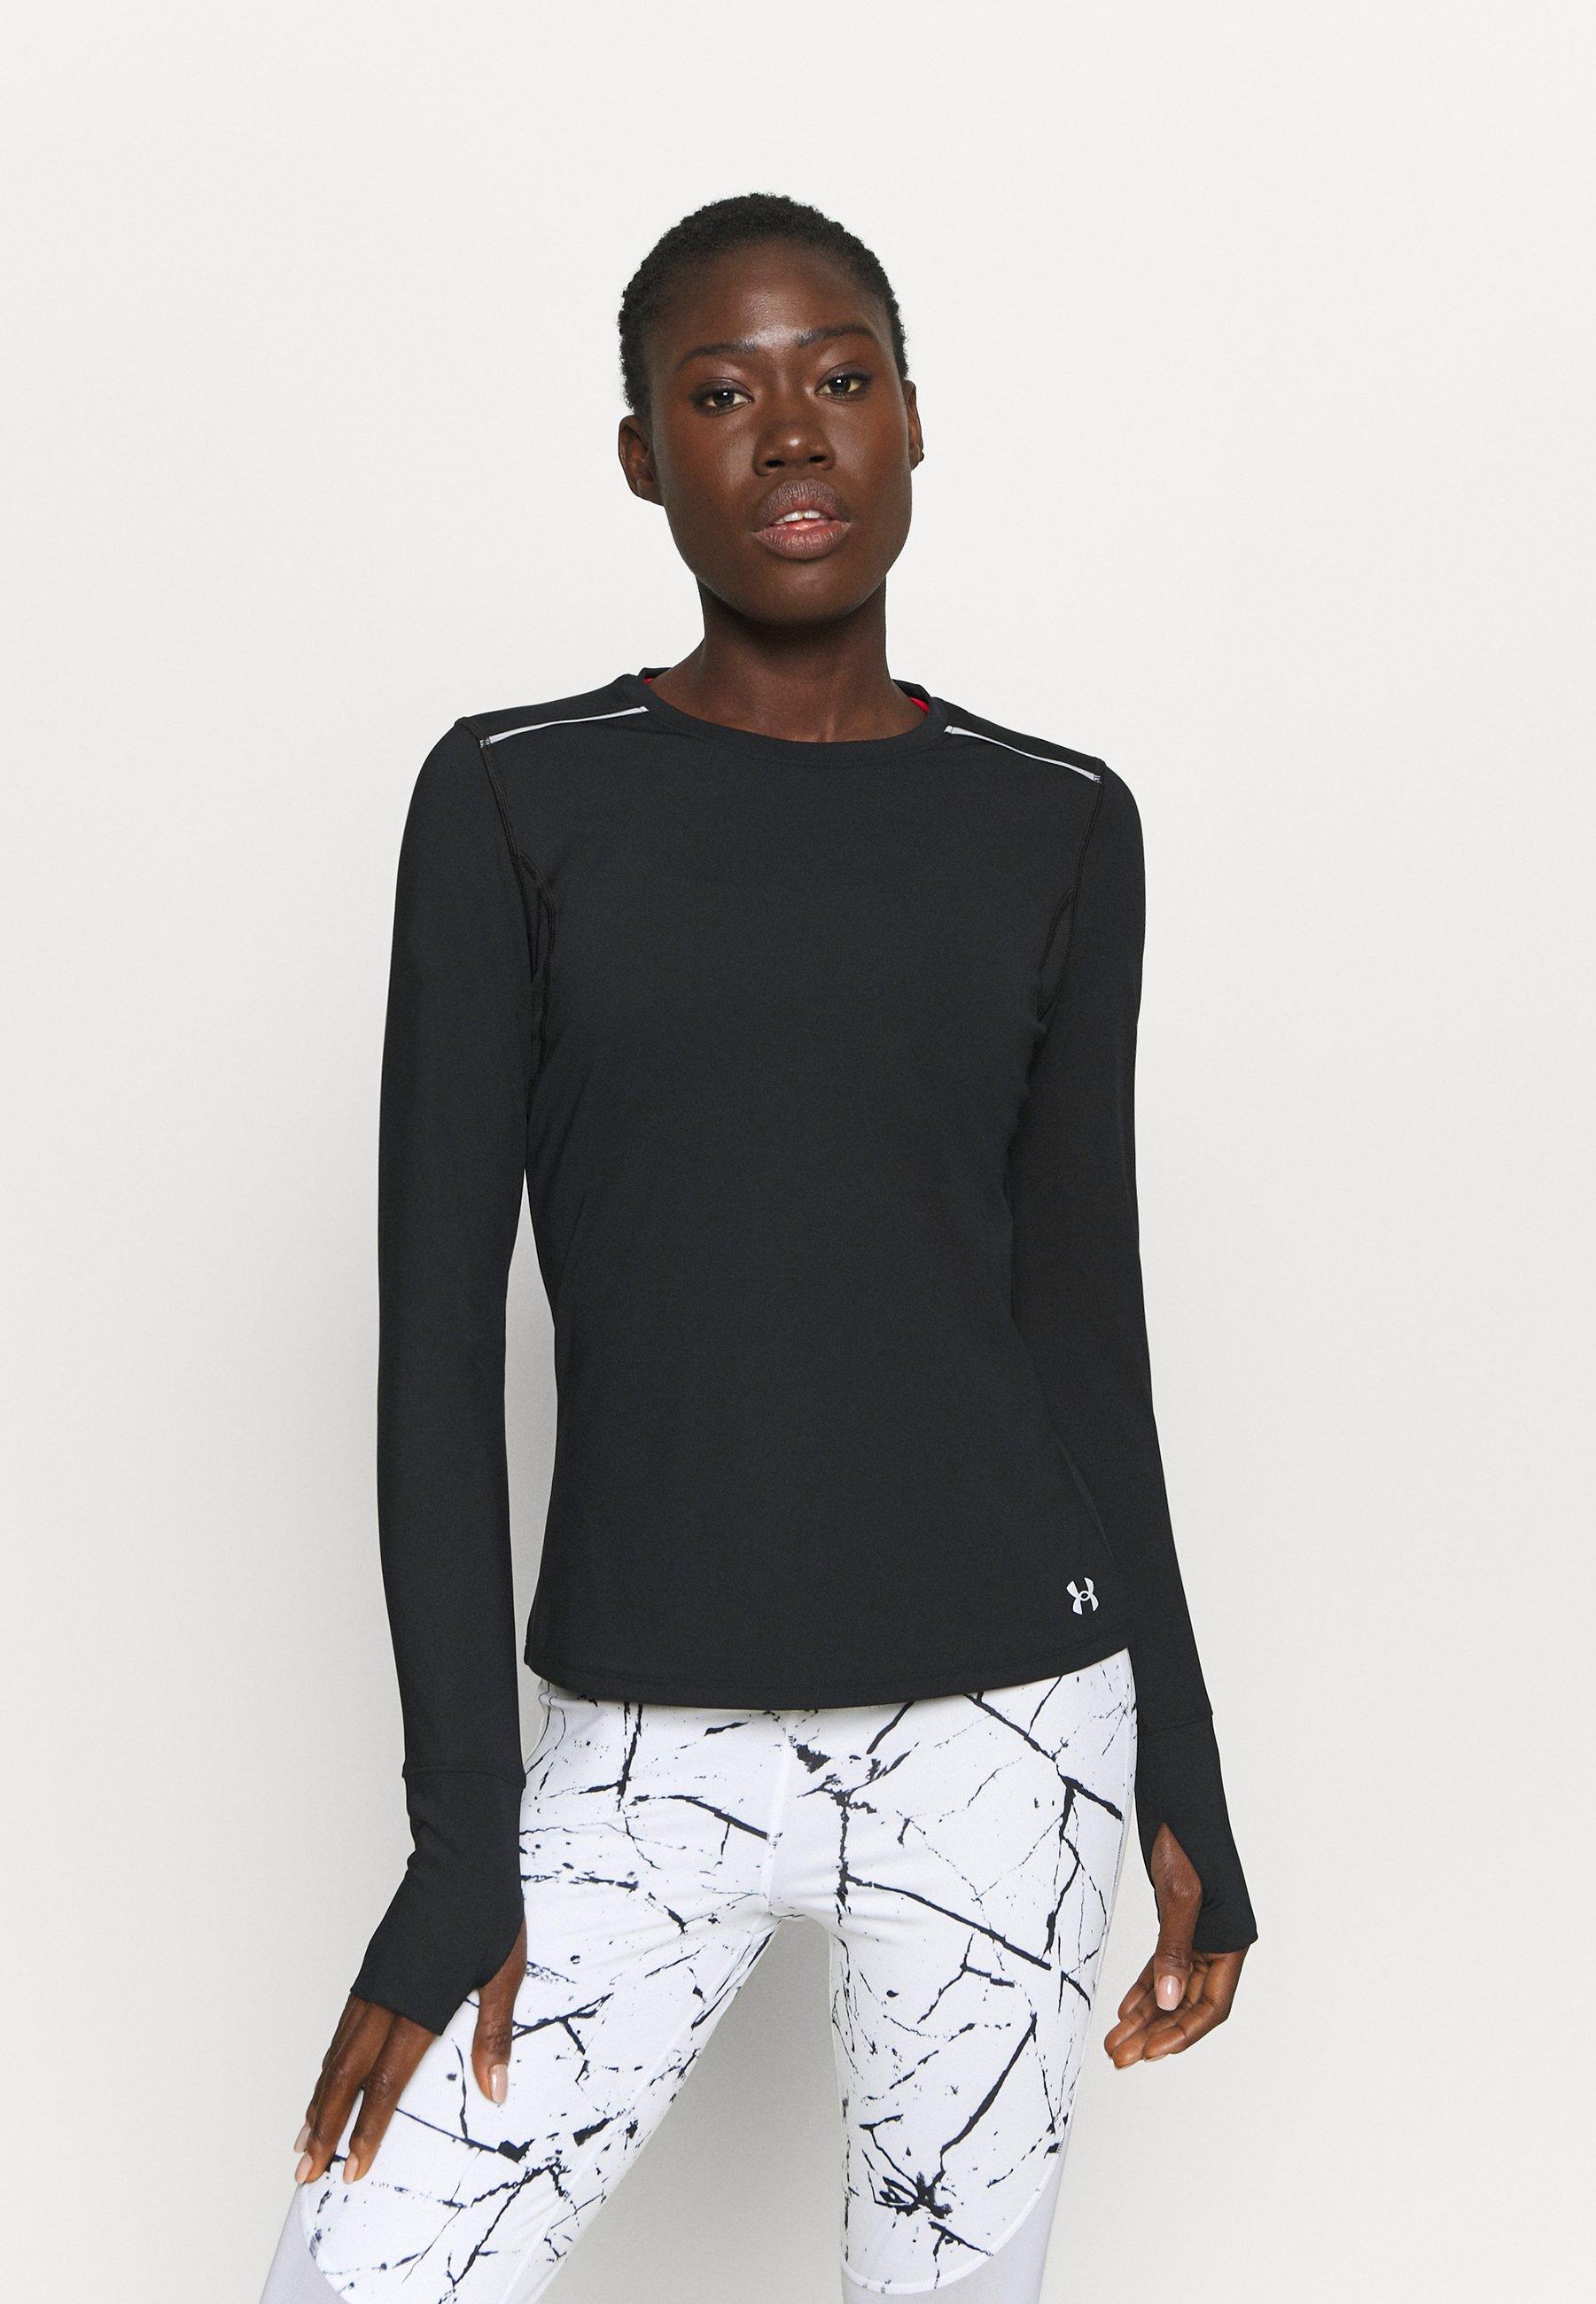 Women EMPOWERED LONG SHIRT CREW - Long sleeved top